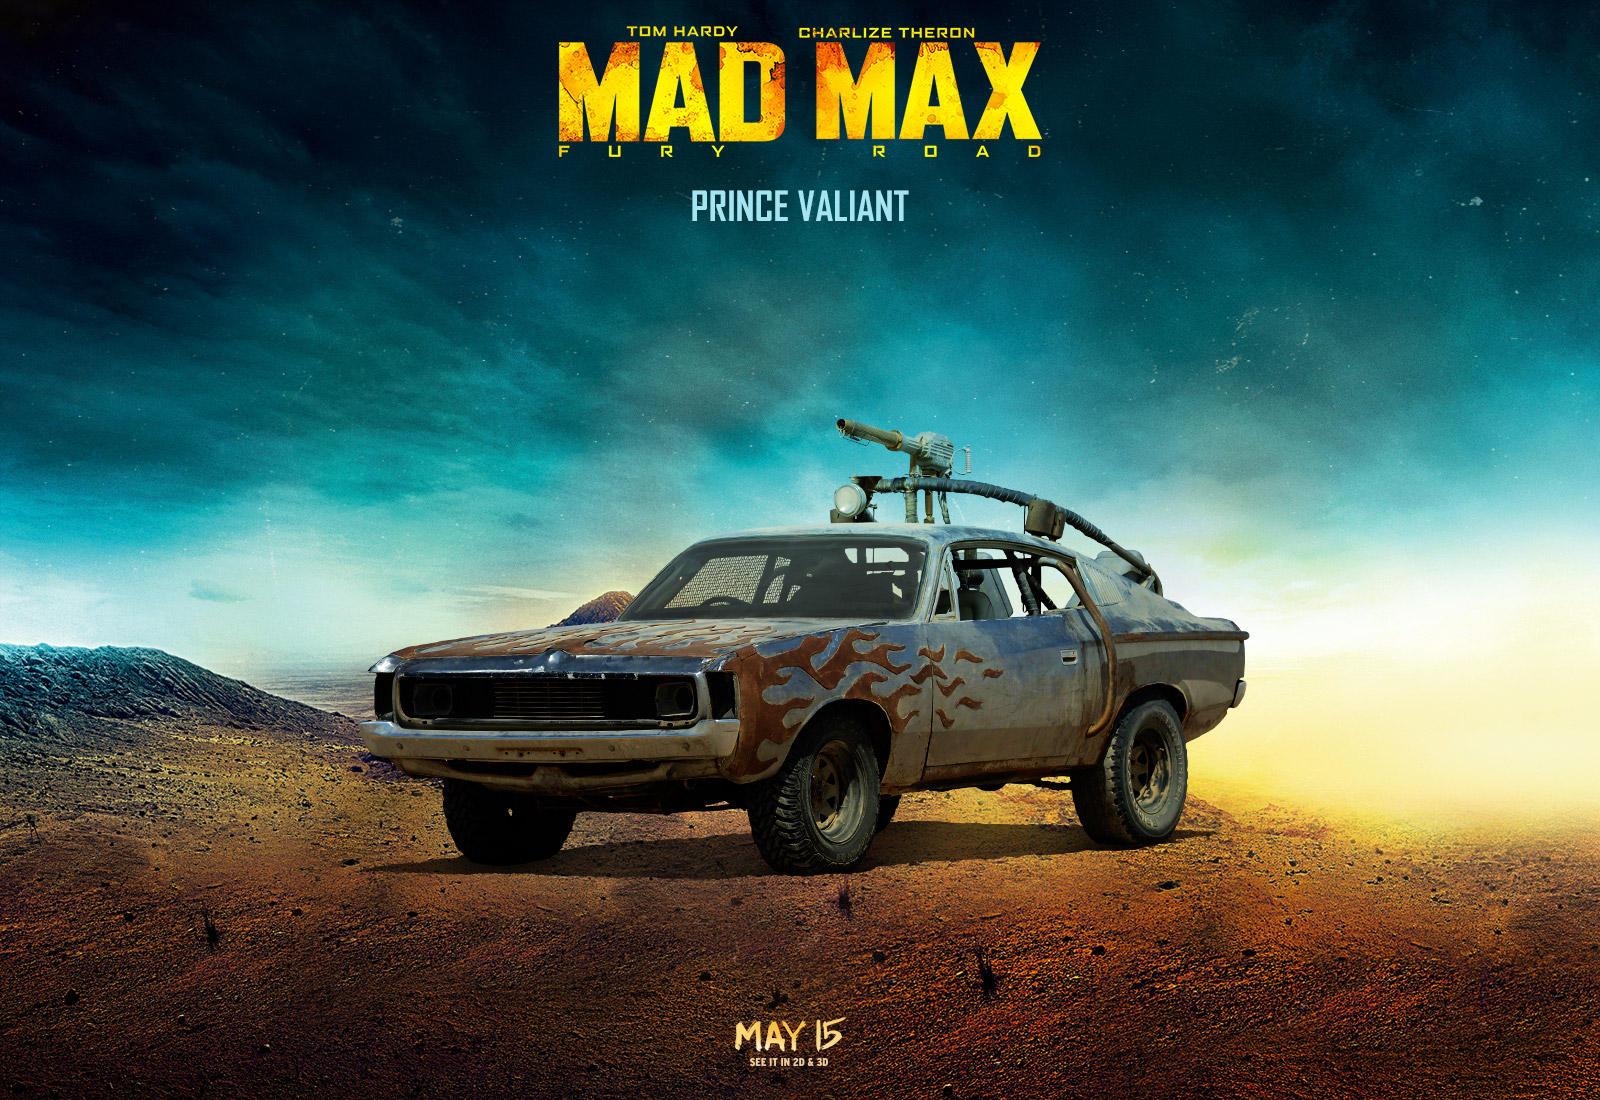 madmax-princevaliant-cars